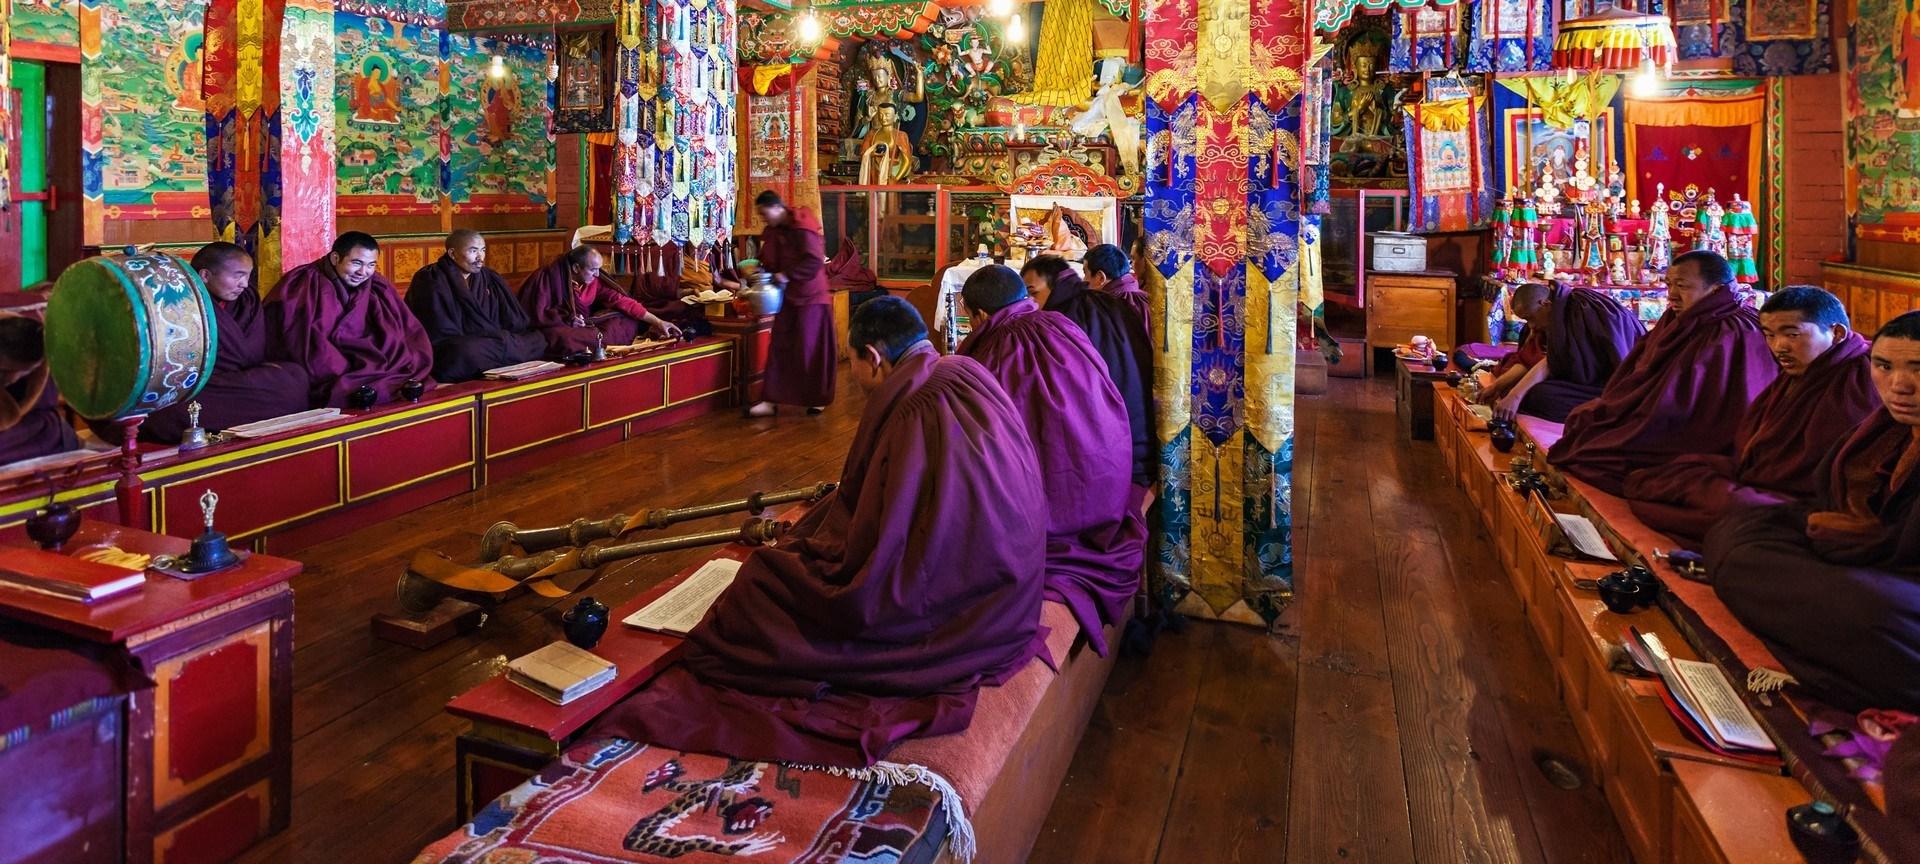 définition d'un bol tibétain. Qu'est-ce que le bol tibétain ?